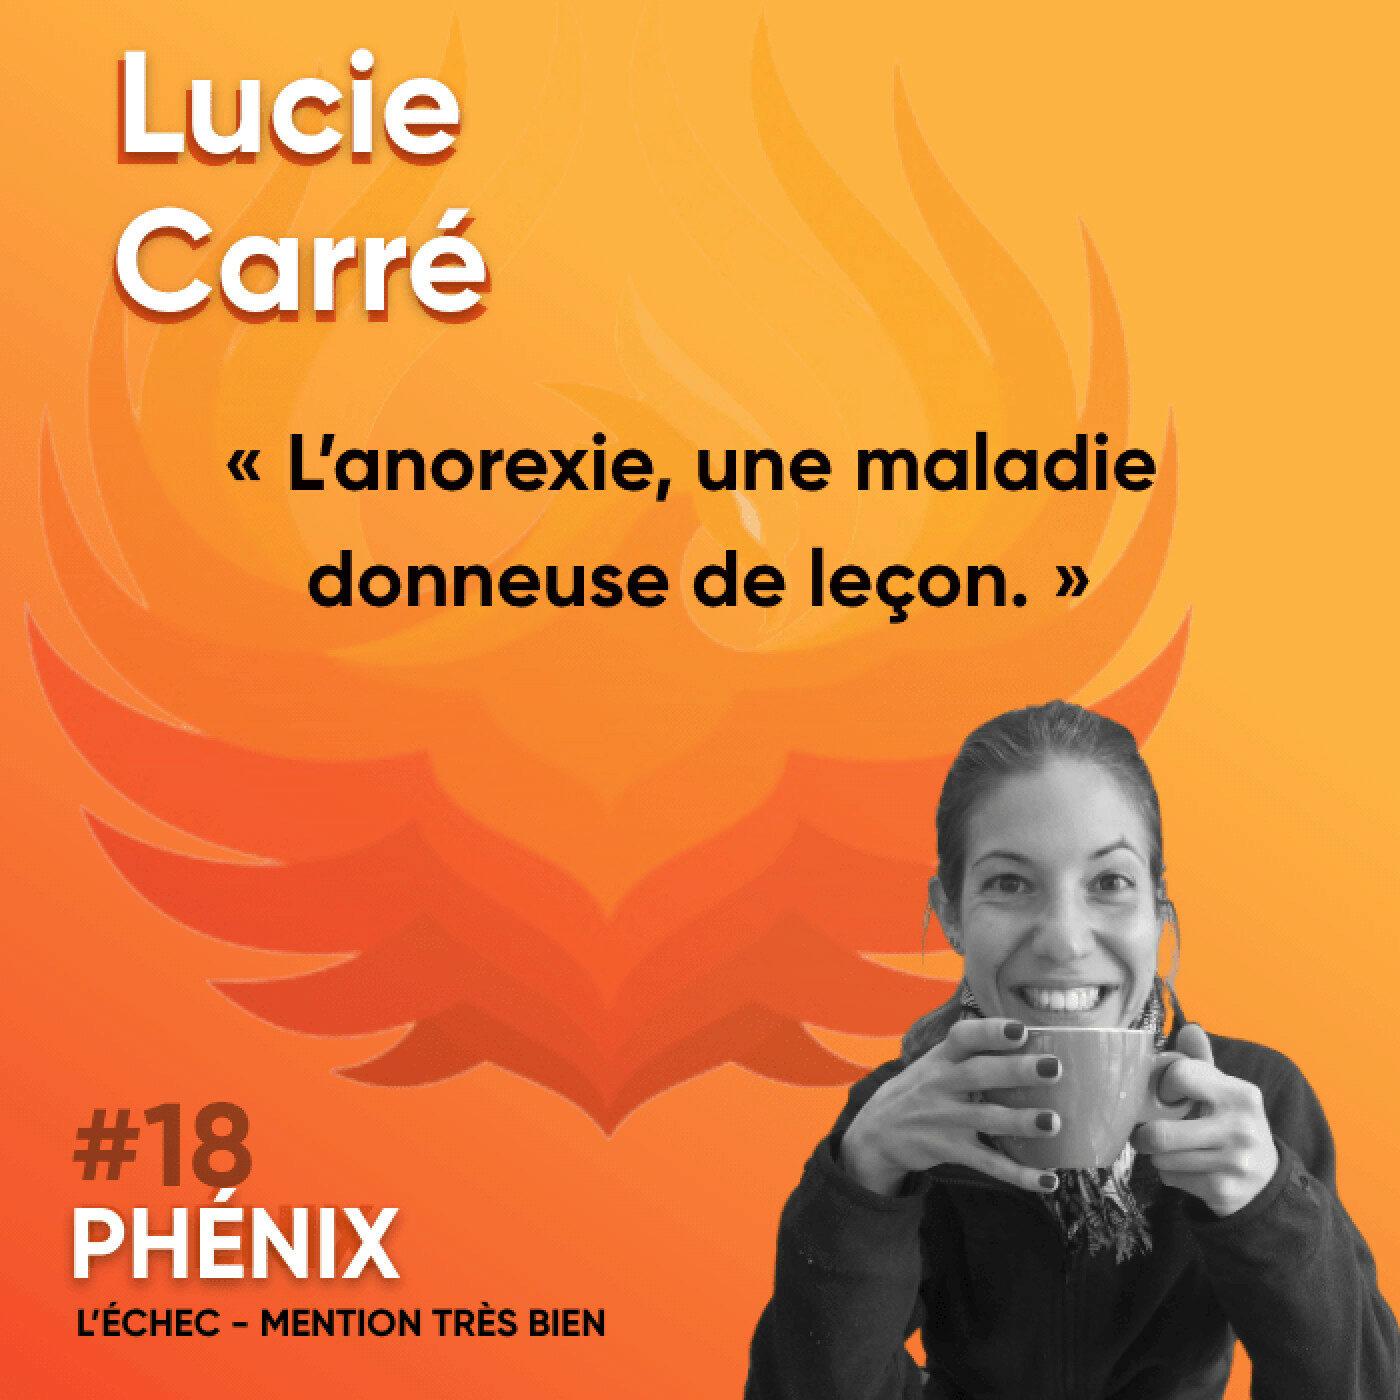 #18 🍽 - Lucie Carré : L'anorexie, une maladie donneuse de leçon